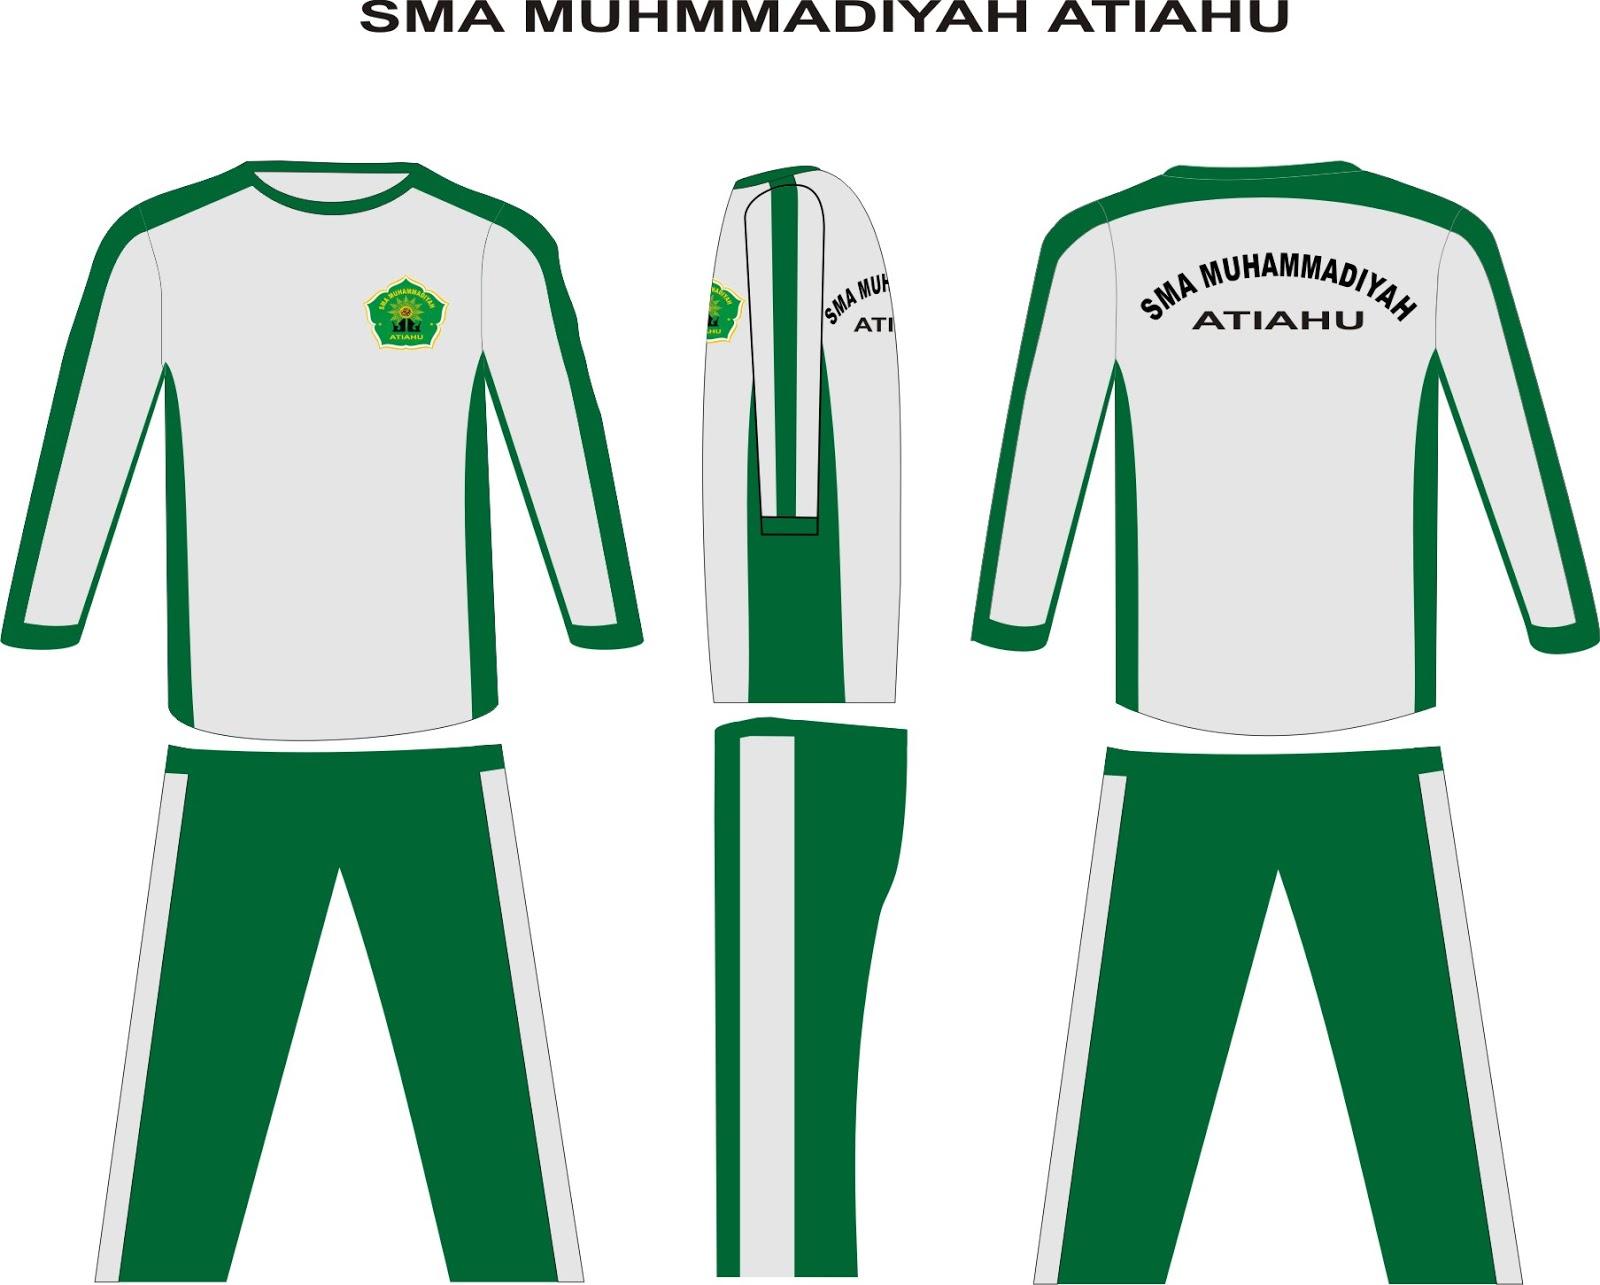 desain baju olahraga modern desain kostum olahraga sekolah